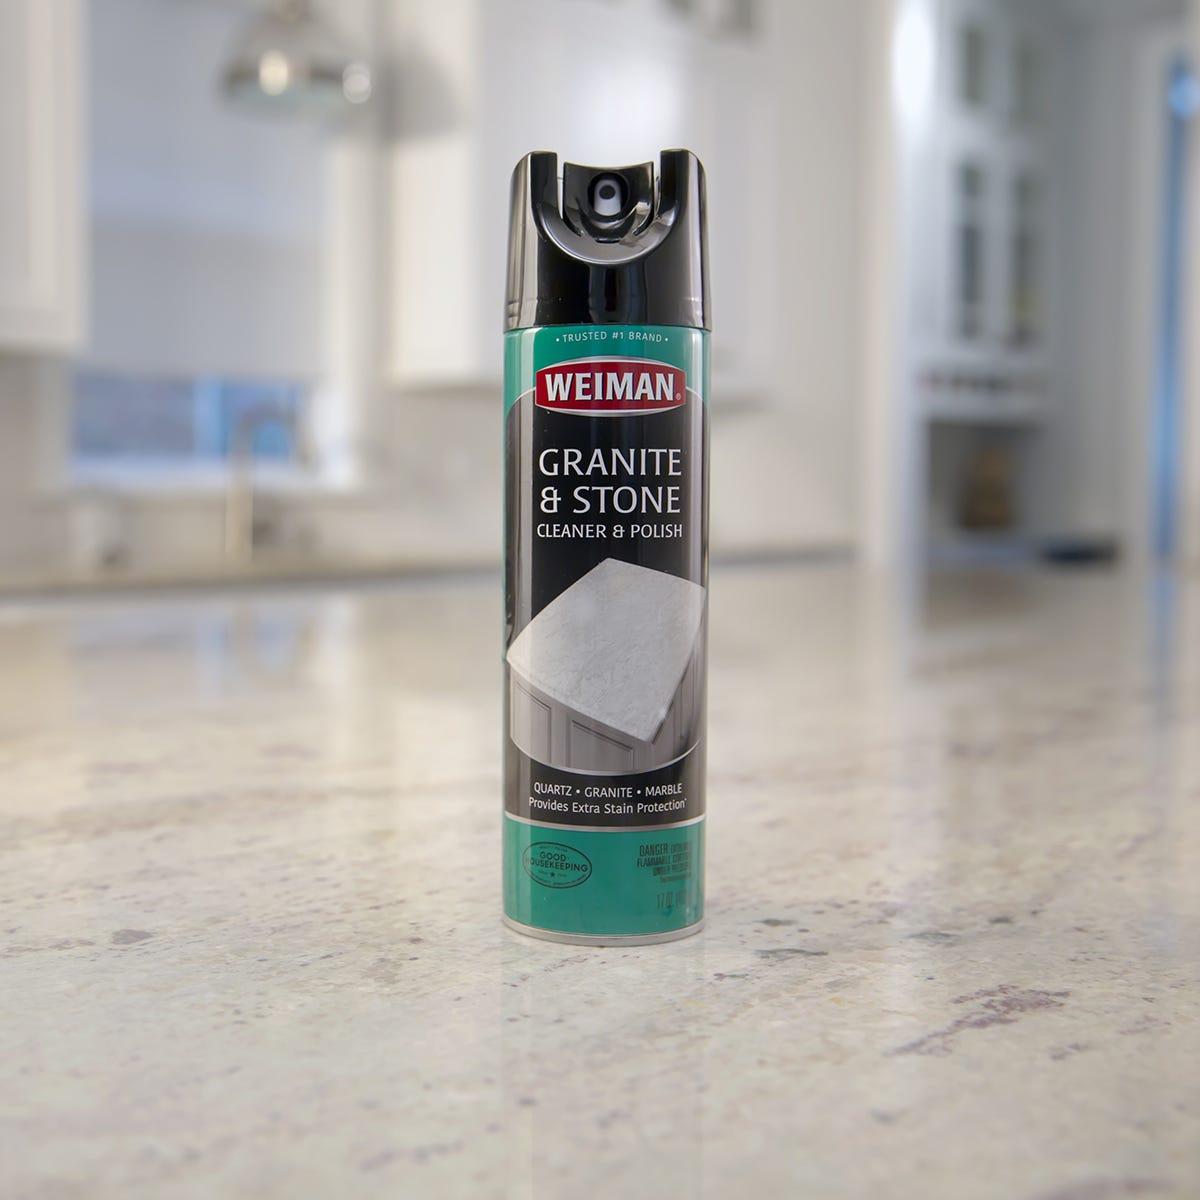 https://googone.com/media/catalog/product/g/r/granite_cleaner_aerosol_beauty.jpg